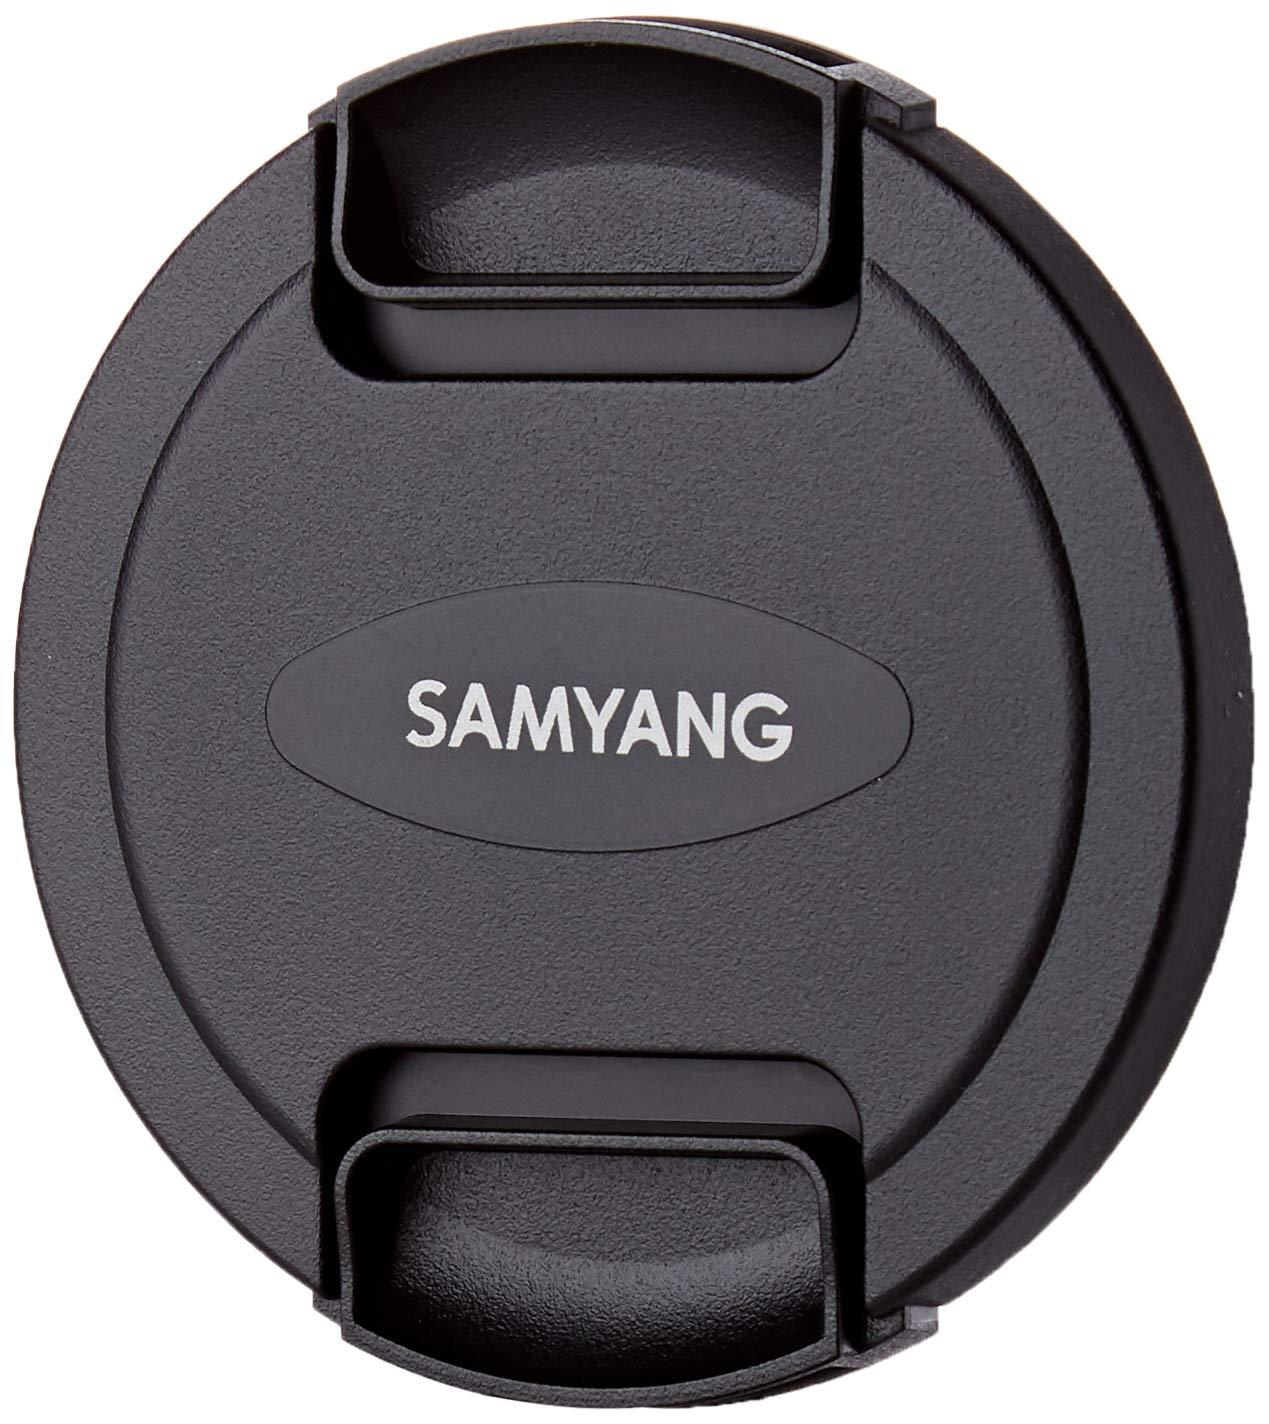 Samyang 85/mm F1.4/Lens for Connection